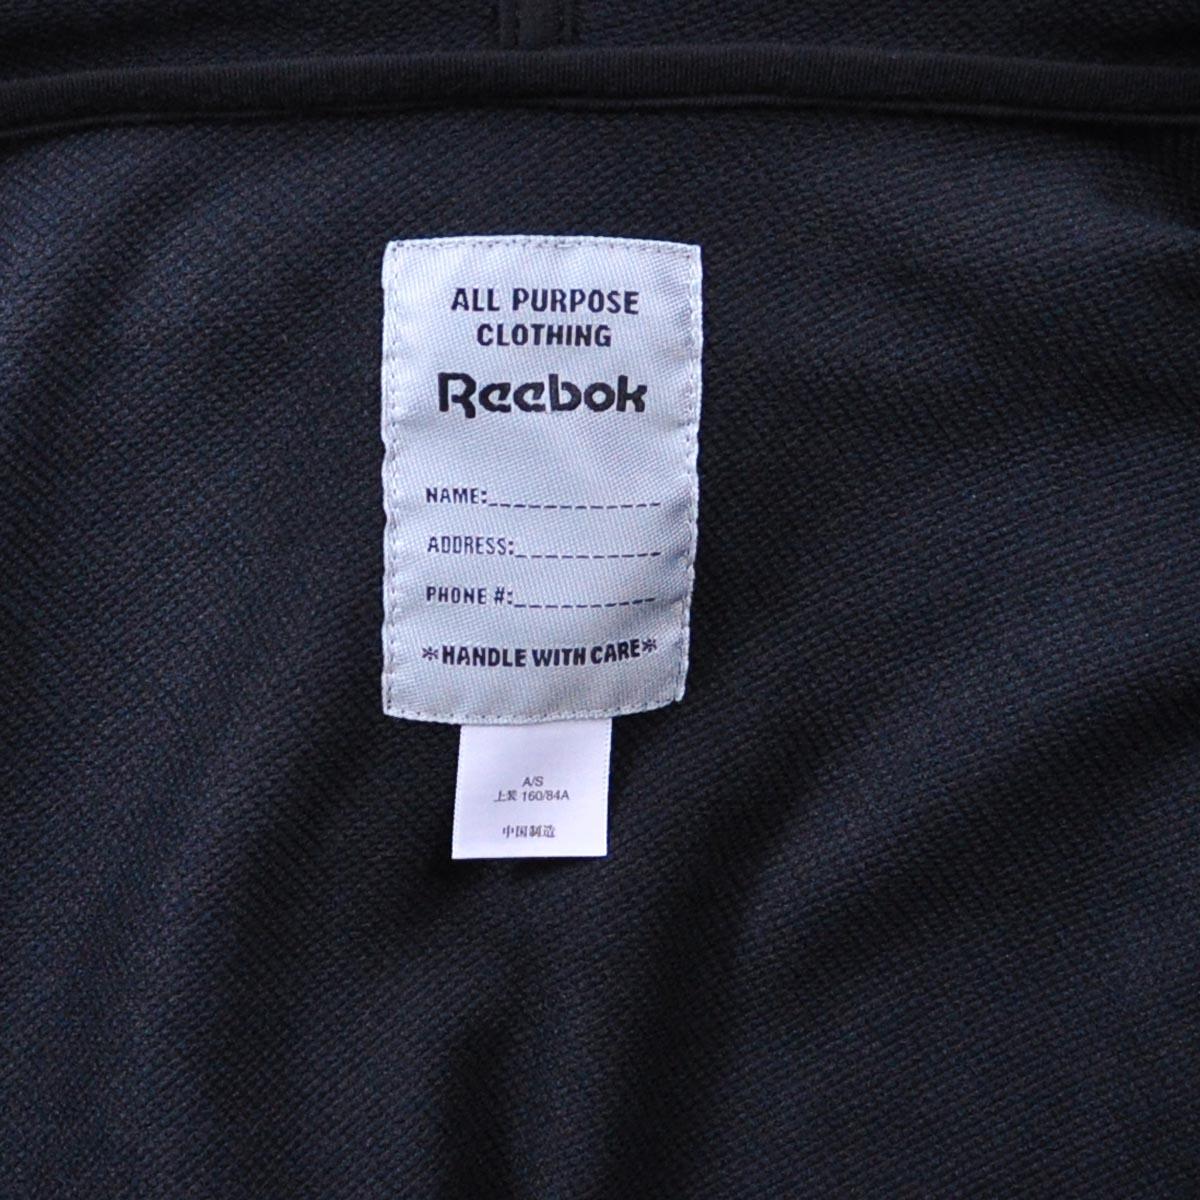 Спортивная куртка Reebok rb8918 65 K99251 Женские Воротник с капюшоном Молния Для спорта и отдыха Логотип бренда Удерживающая тепло, Износостойкая, Воздухопроницаемые